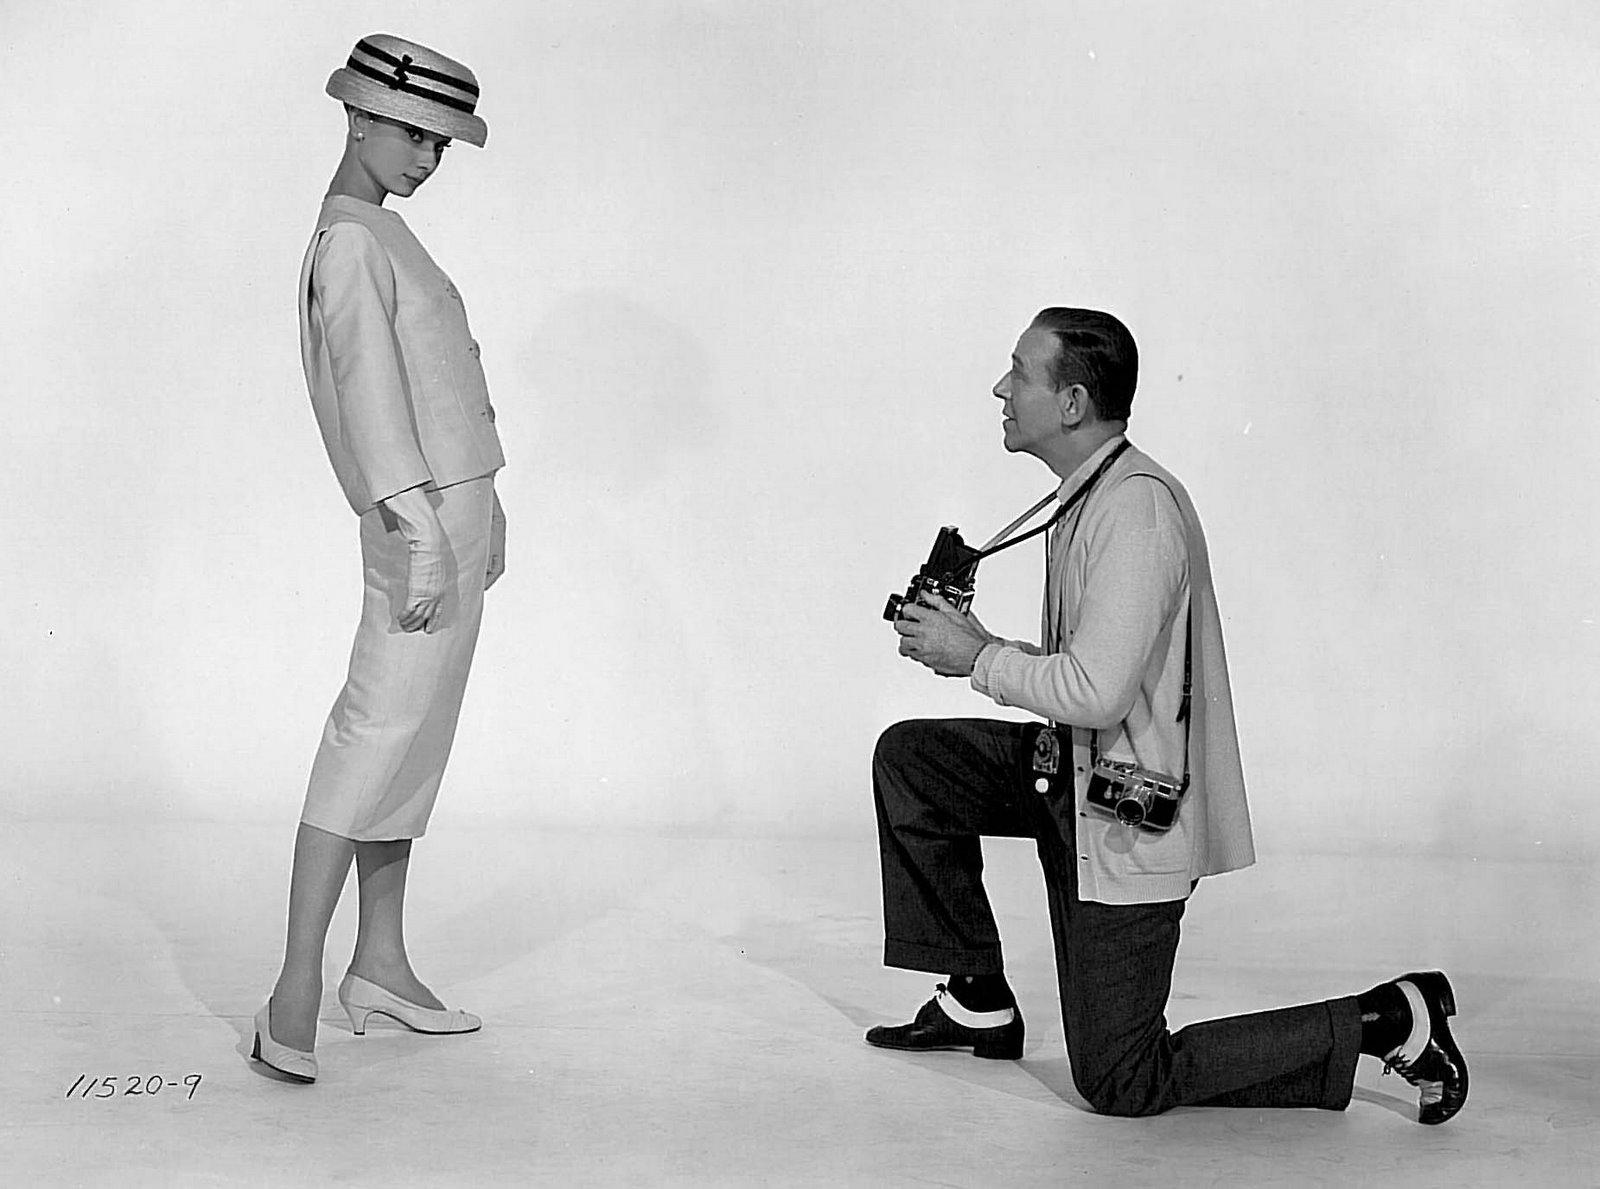 افضل افلام اودري هيبورن - Funny Face